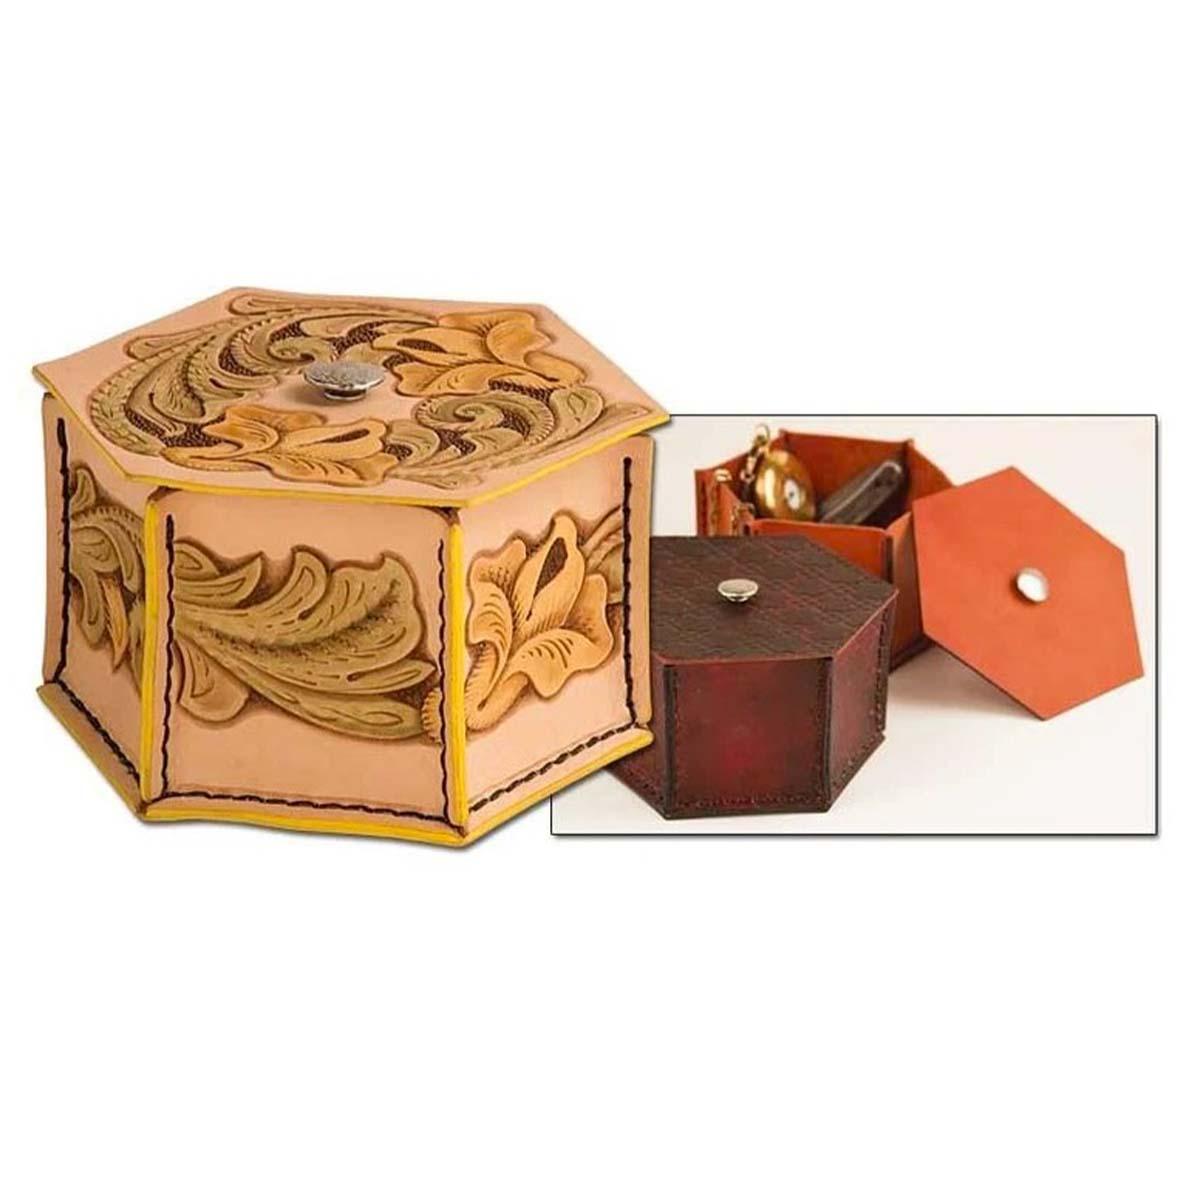 Kit pour boîte à souvenirs en cuir - 4460